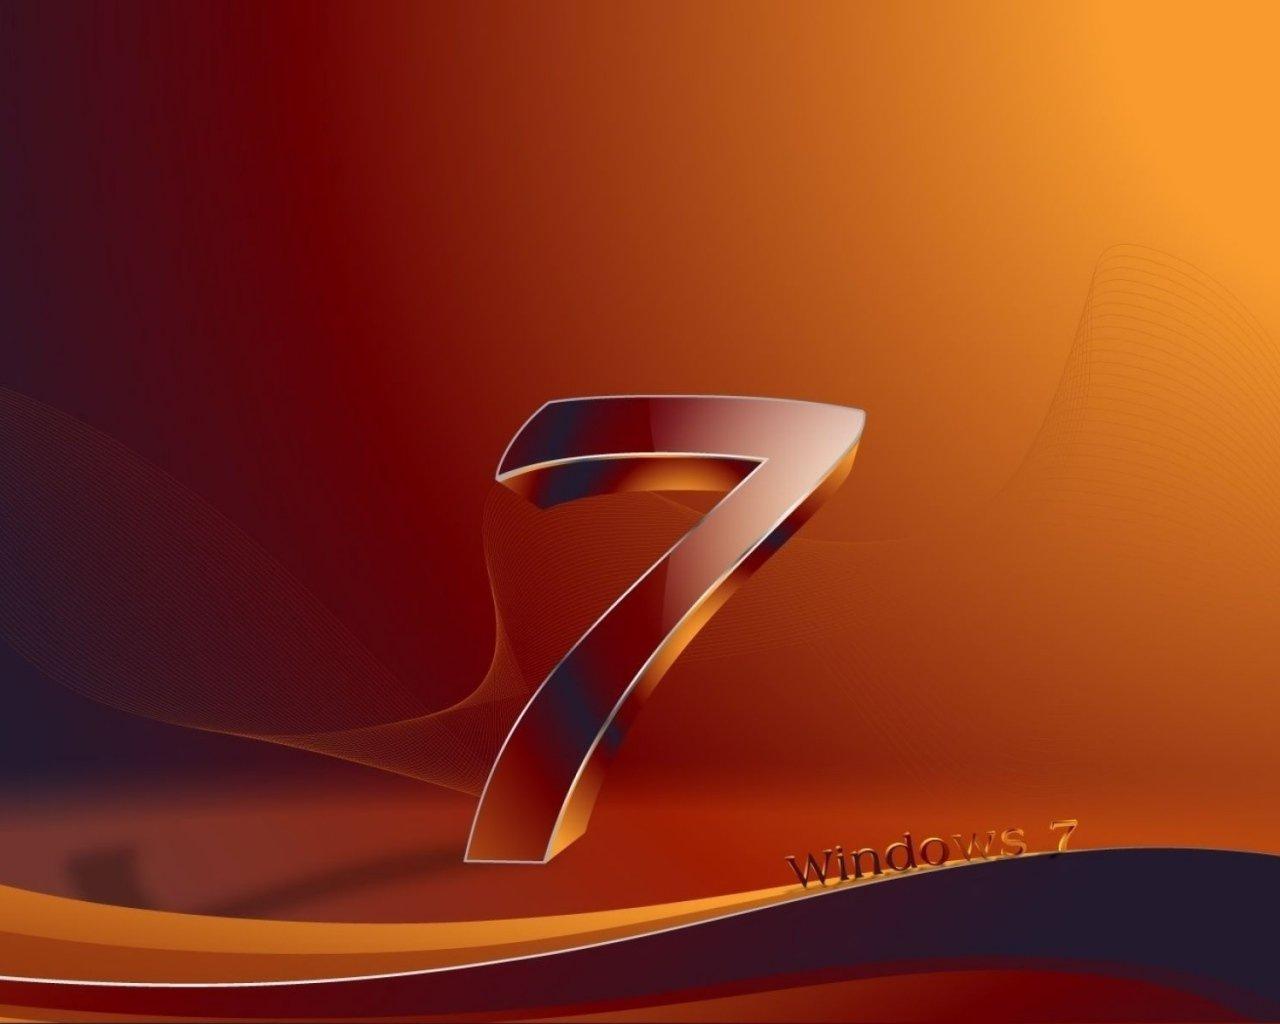 تحميل مجموعة خلفيات ويندوز 7 عالية الجودة HD « أنظمة مايكروسوفت